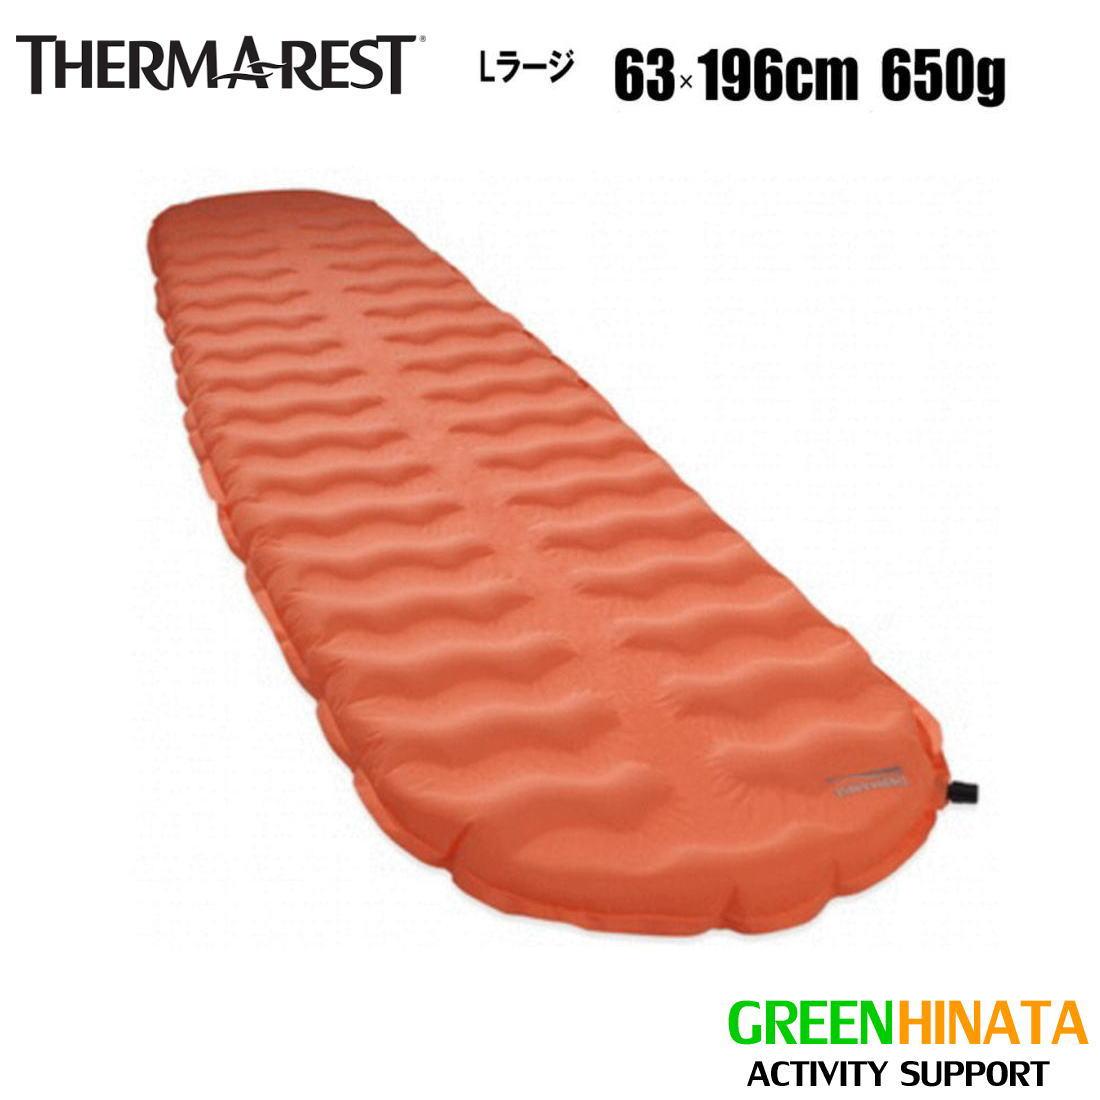 【国内正規品】 サーマレスト エボライトL 自動膨張式マットレス THERMAREST EVOLITE Lラージ